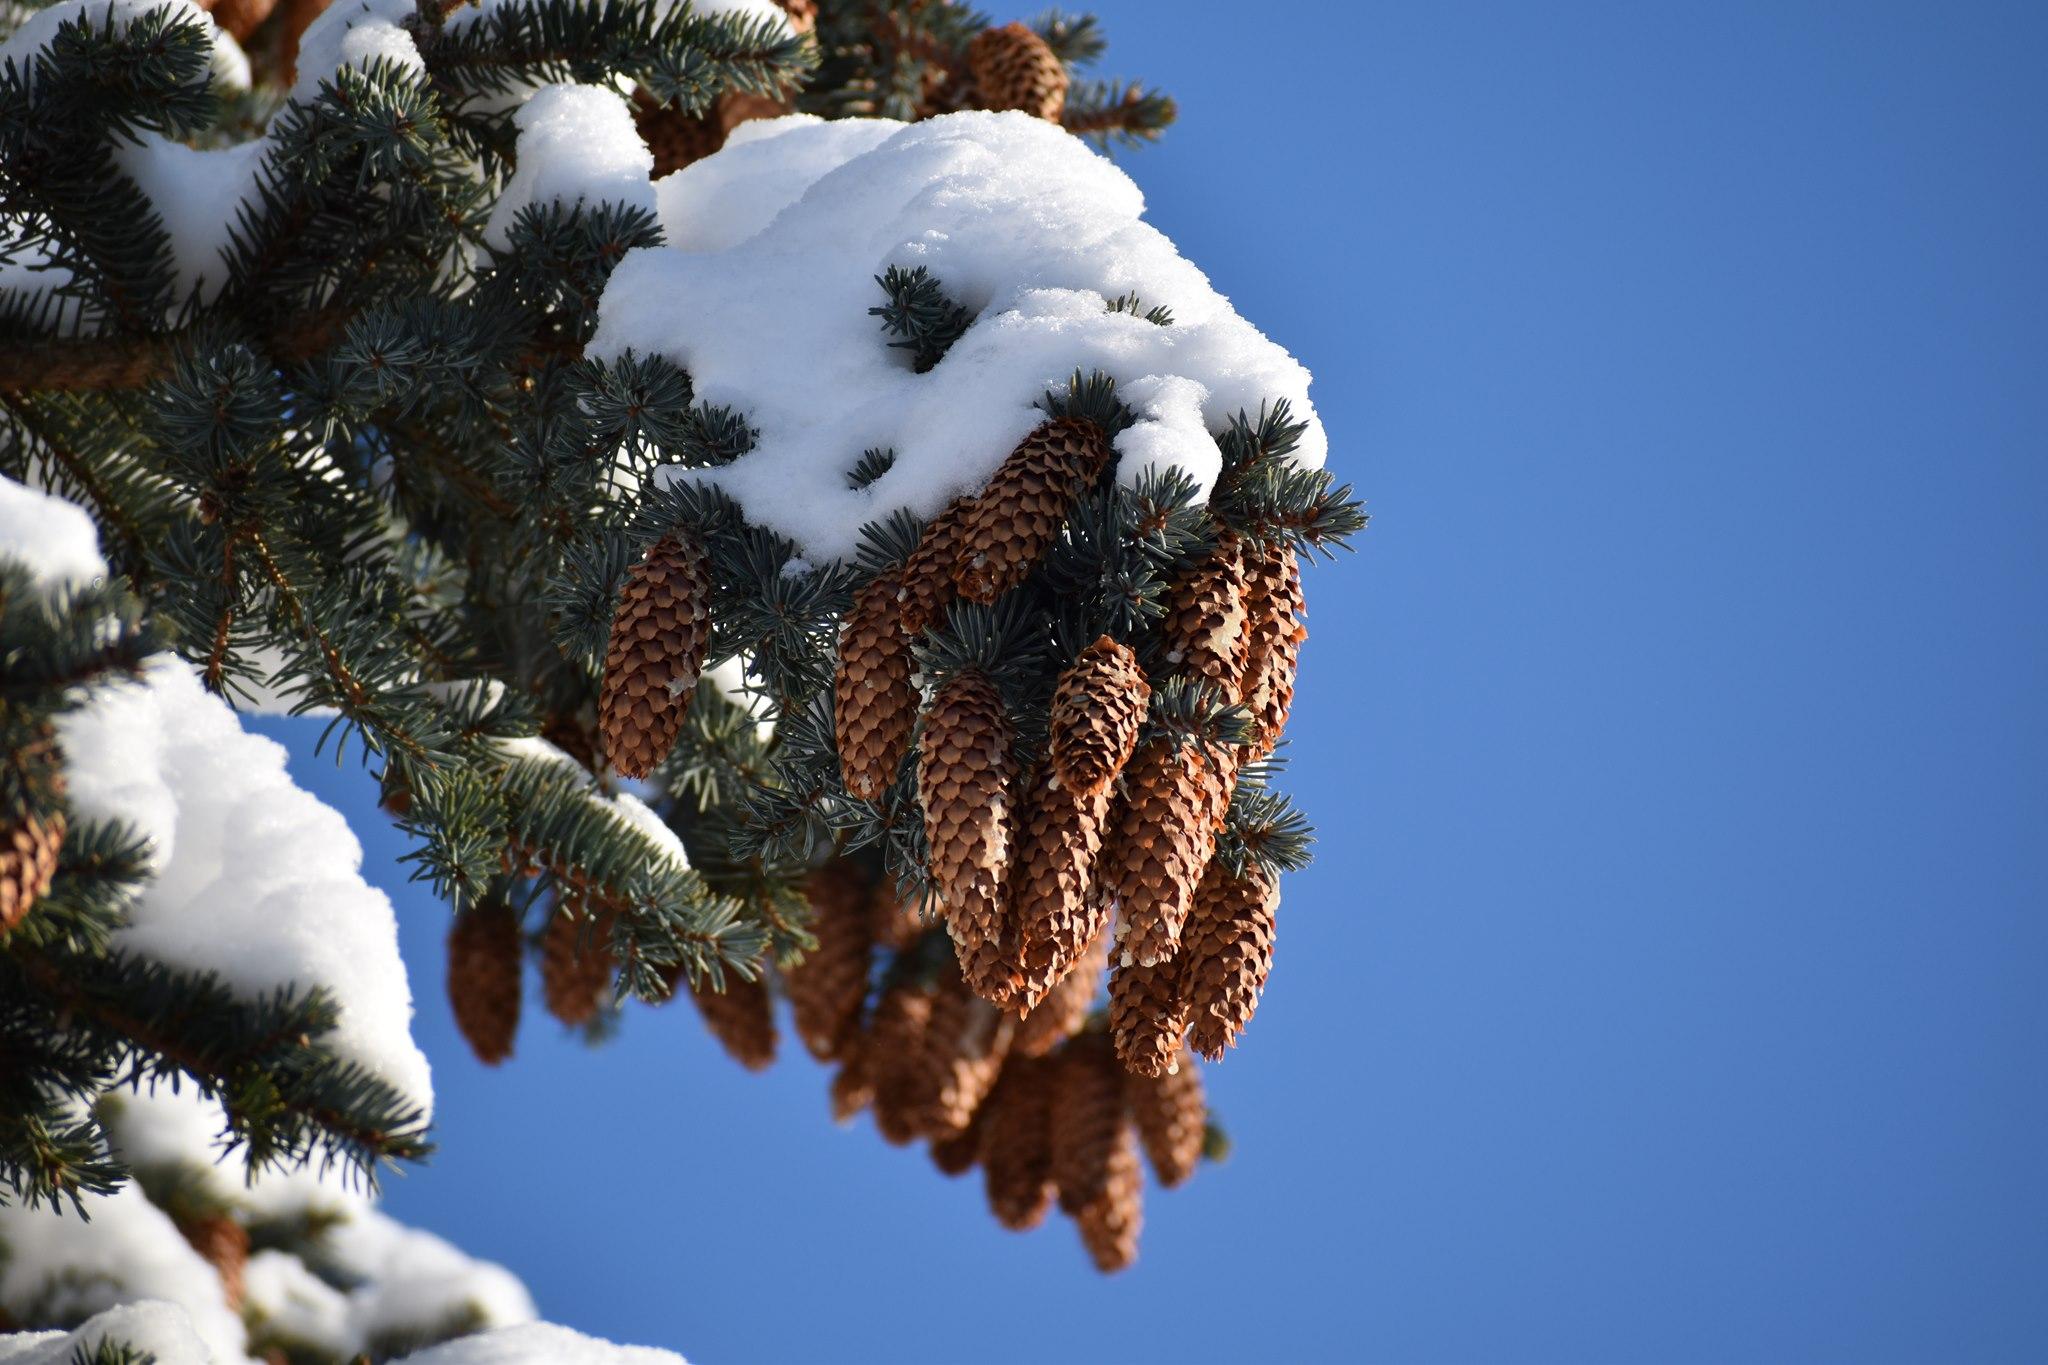 Winter is coming - Zapfen mit Schnee